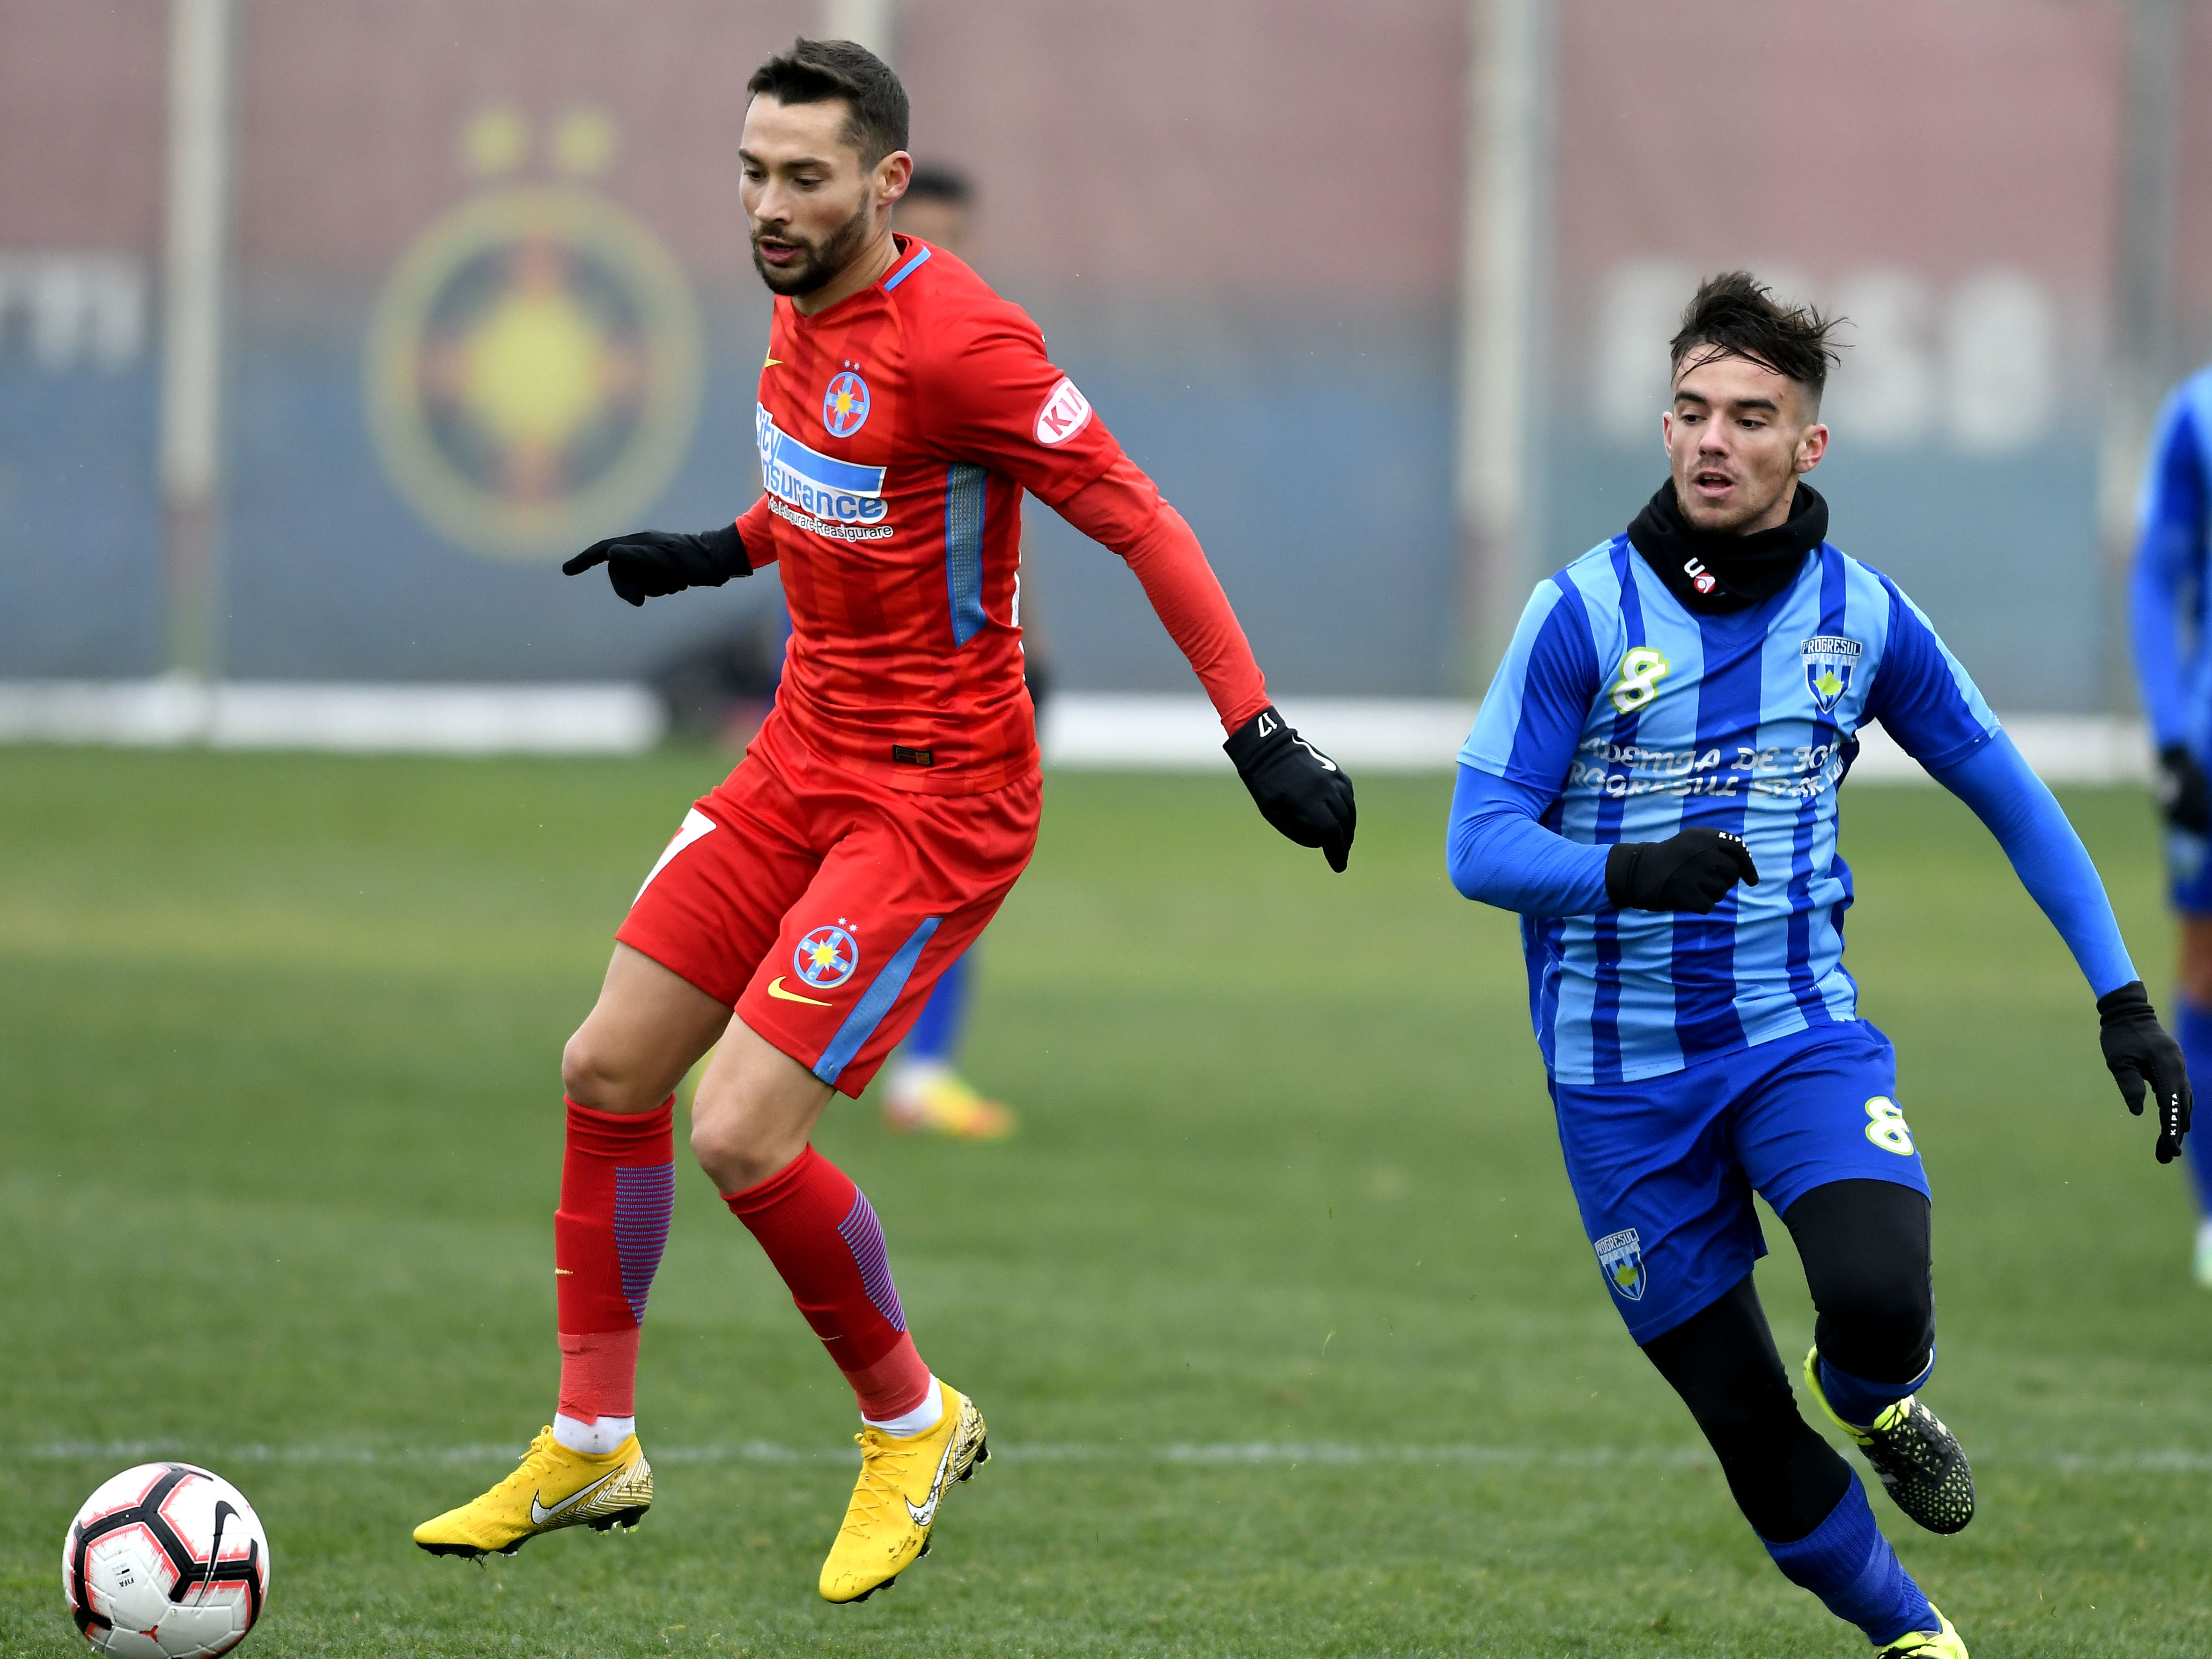 Antonio Jakolis în meciul amical de fotbal dintre FCSB și Progresul Spartac Bucureșto